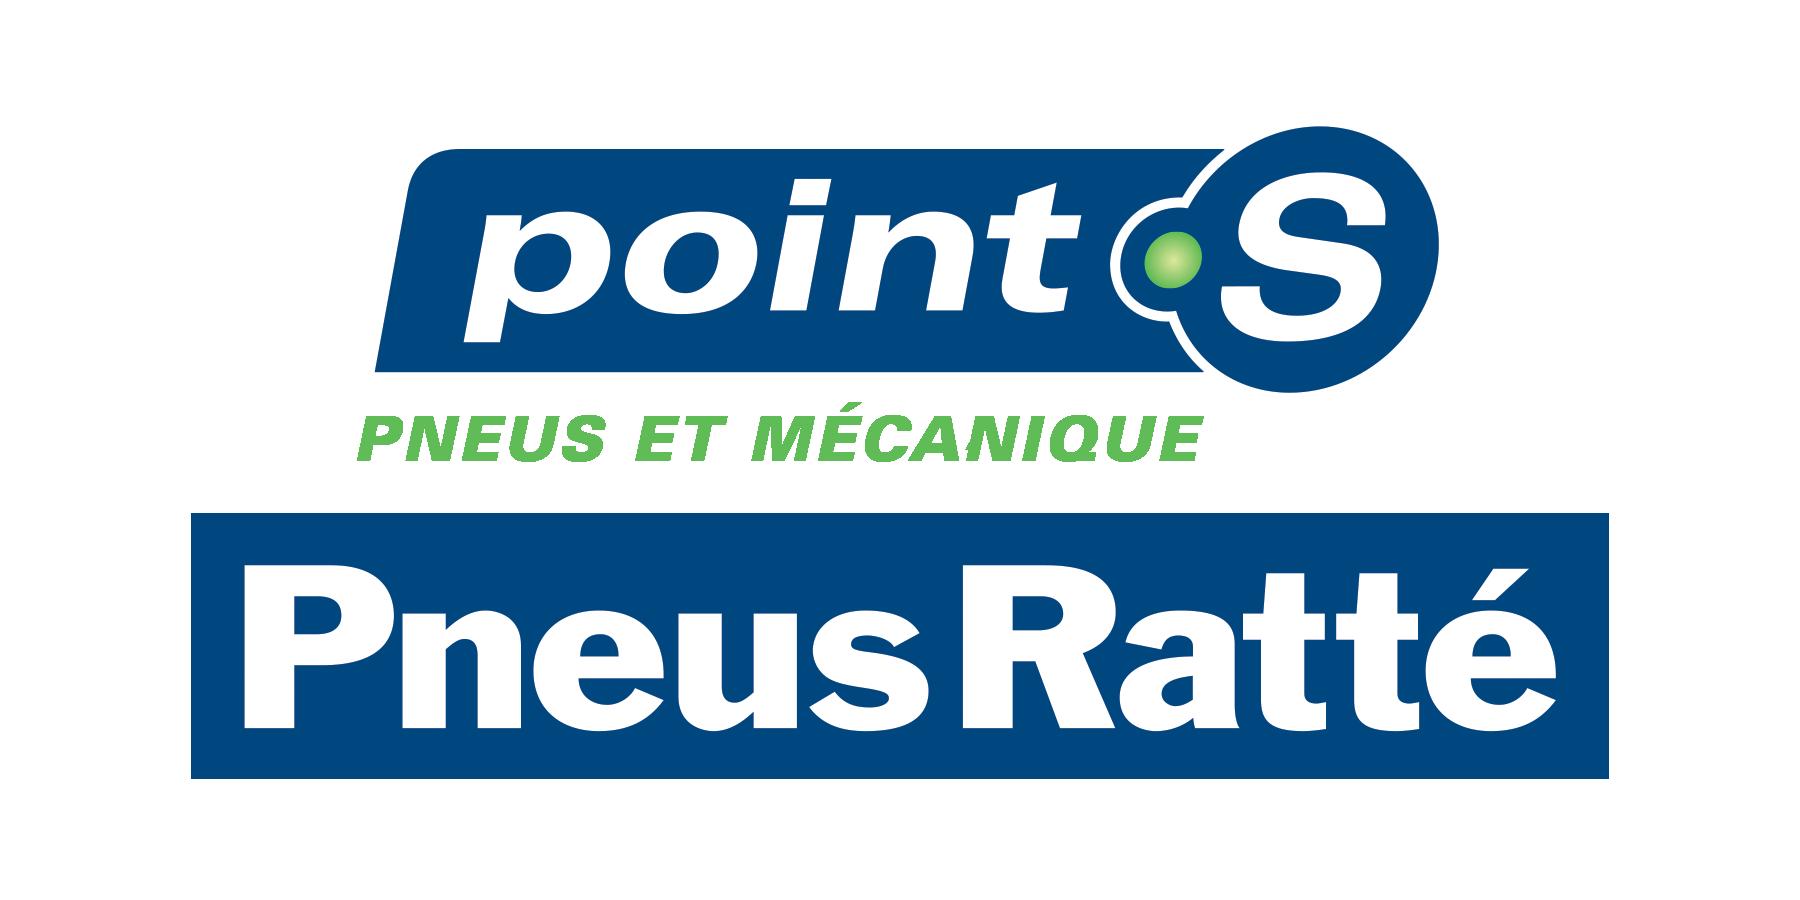 PneusRatte_PointS_Logo_V_RGB